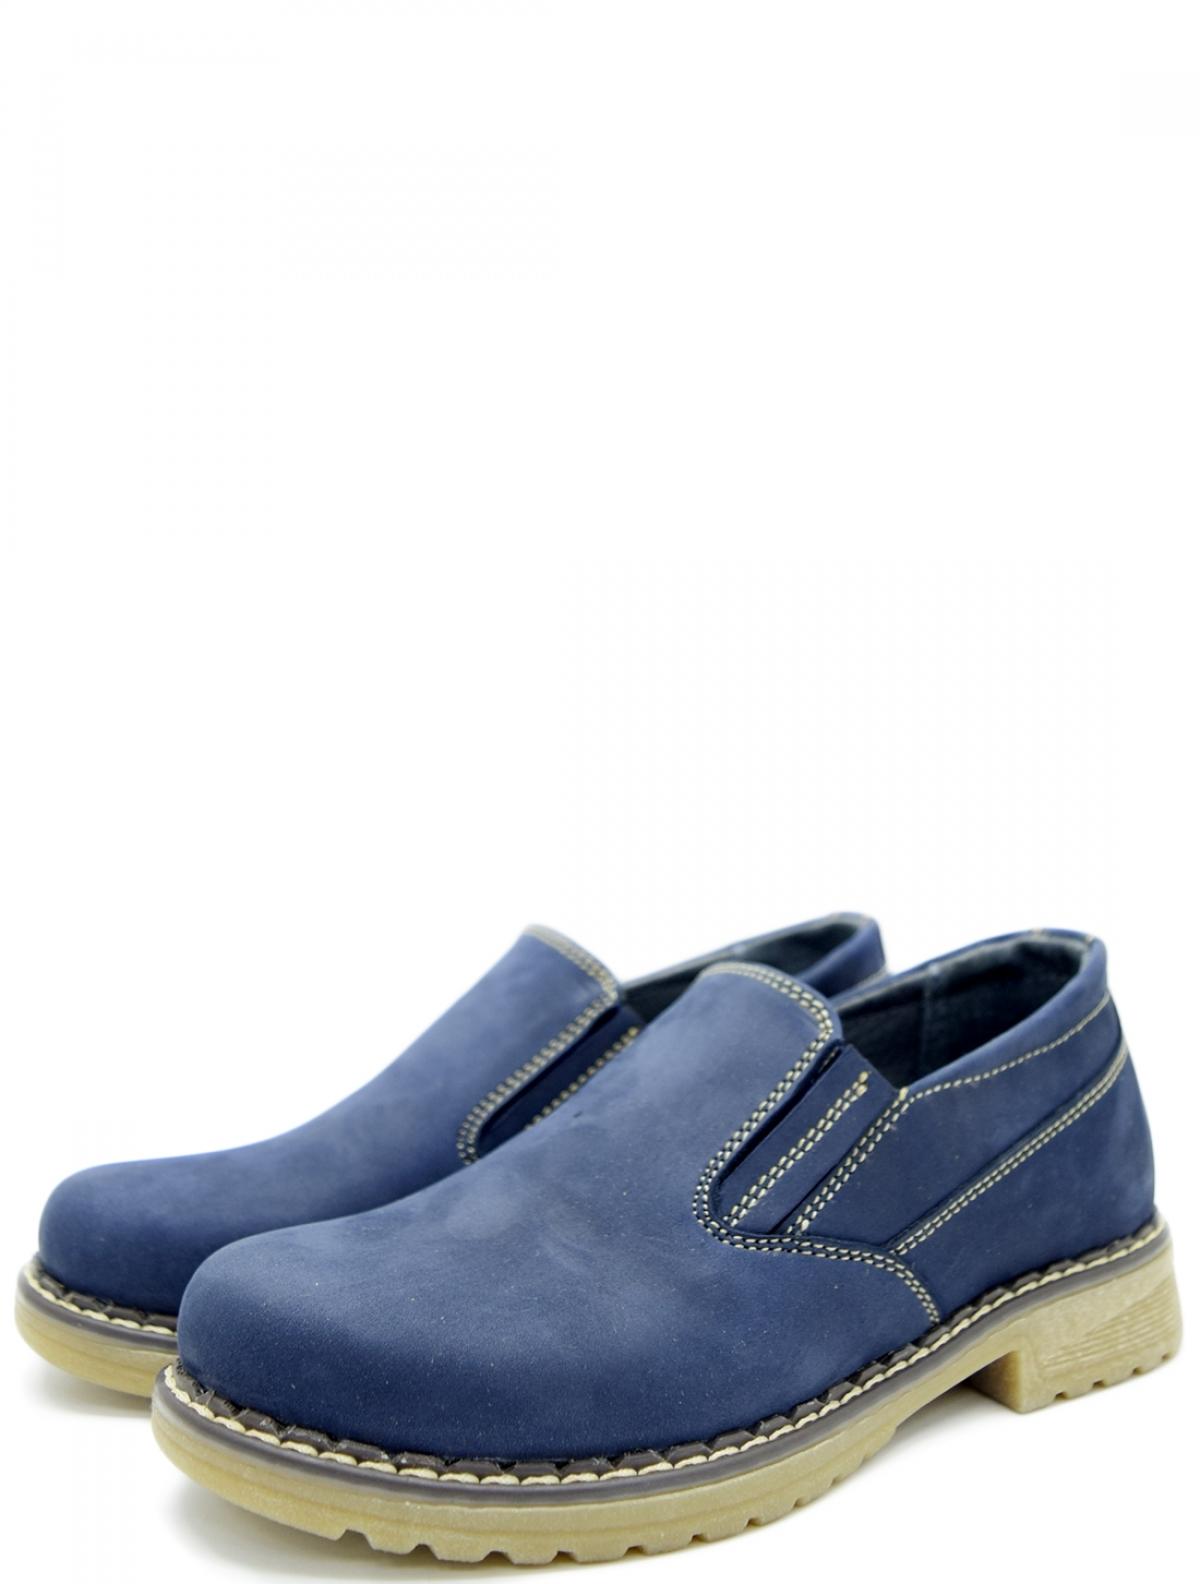 Vikont 714/13 туфли для мальчика